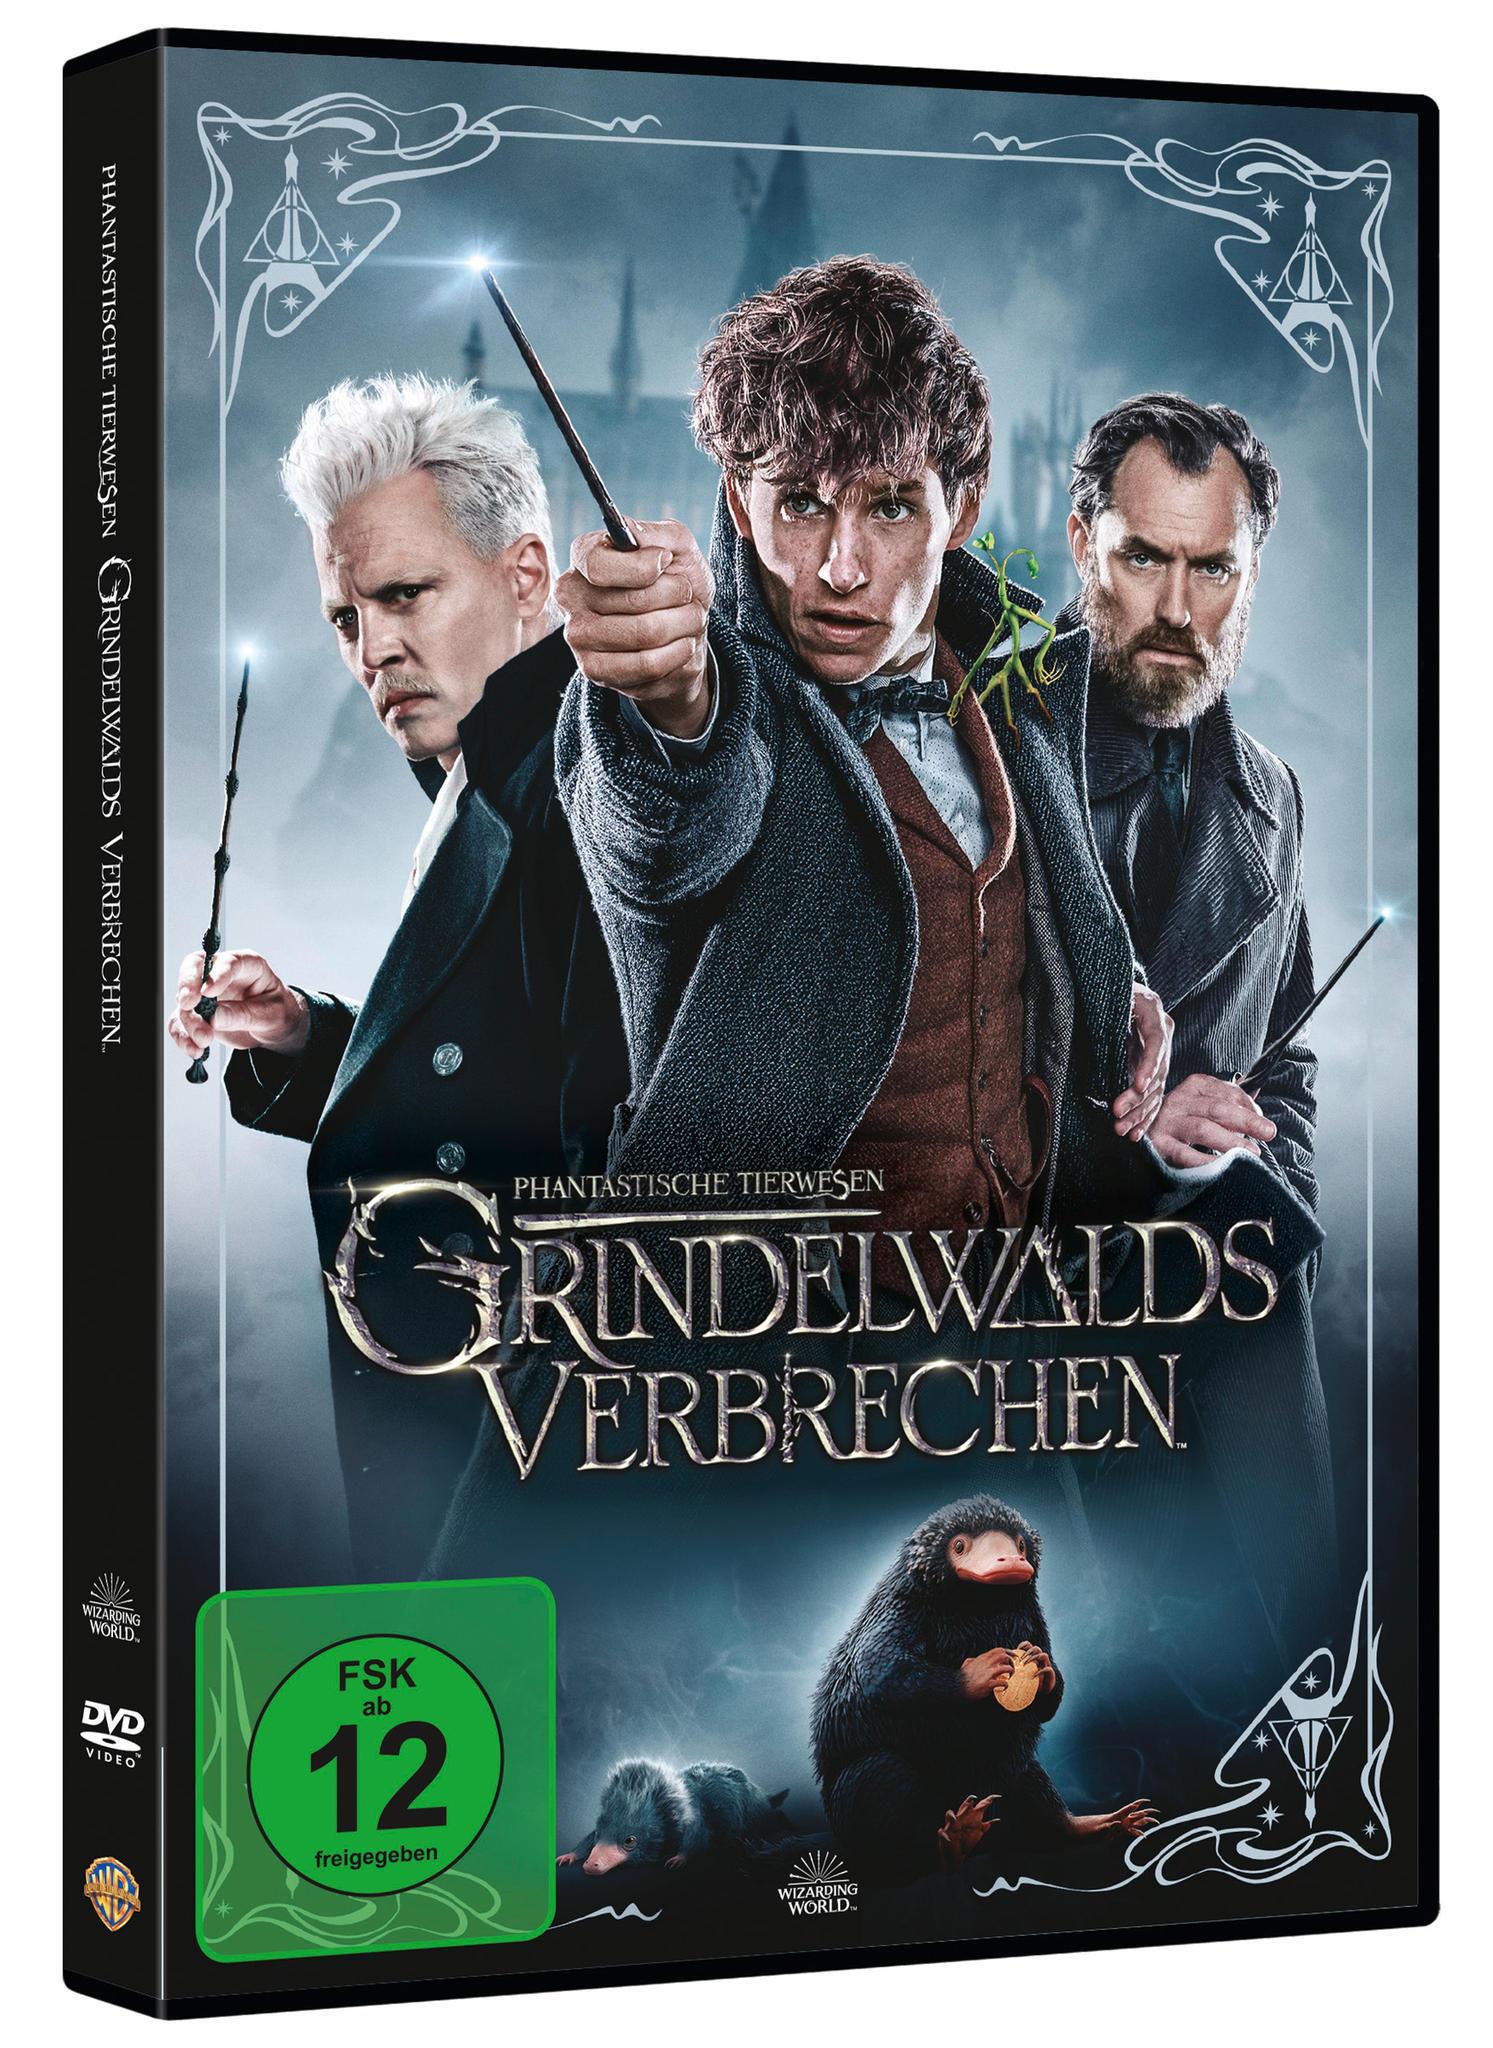 """DVD- und Blu-ray-Release von """"Phantastische Tierwesen - Grindelwalds Verbrechen"""" ist am 4.4.2019"""